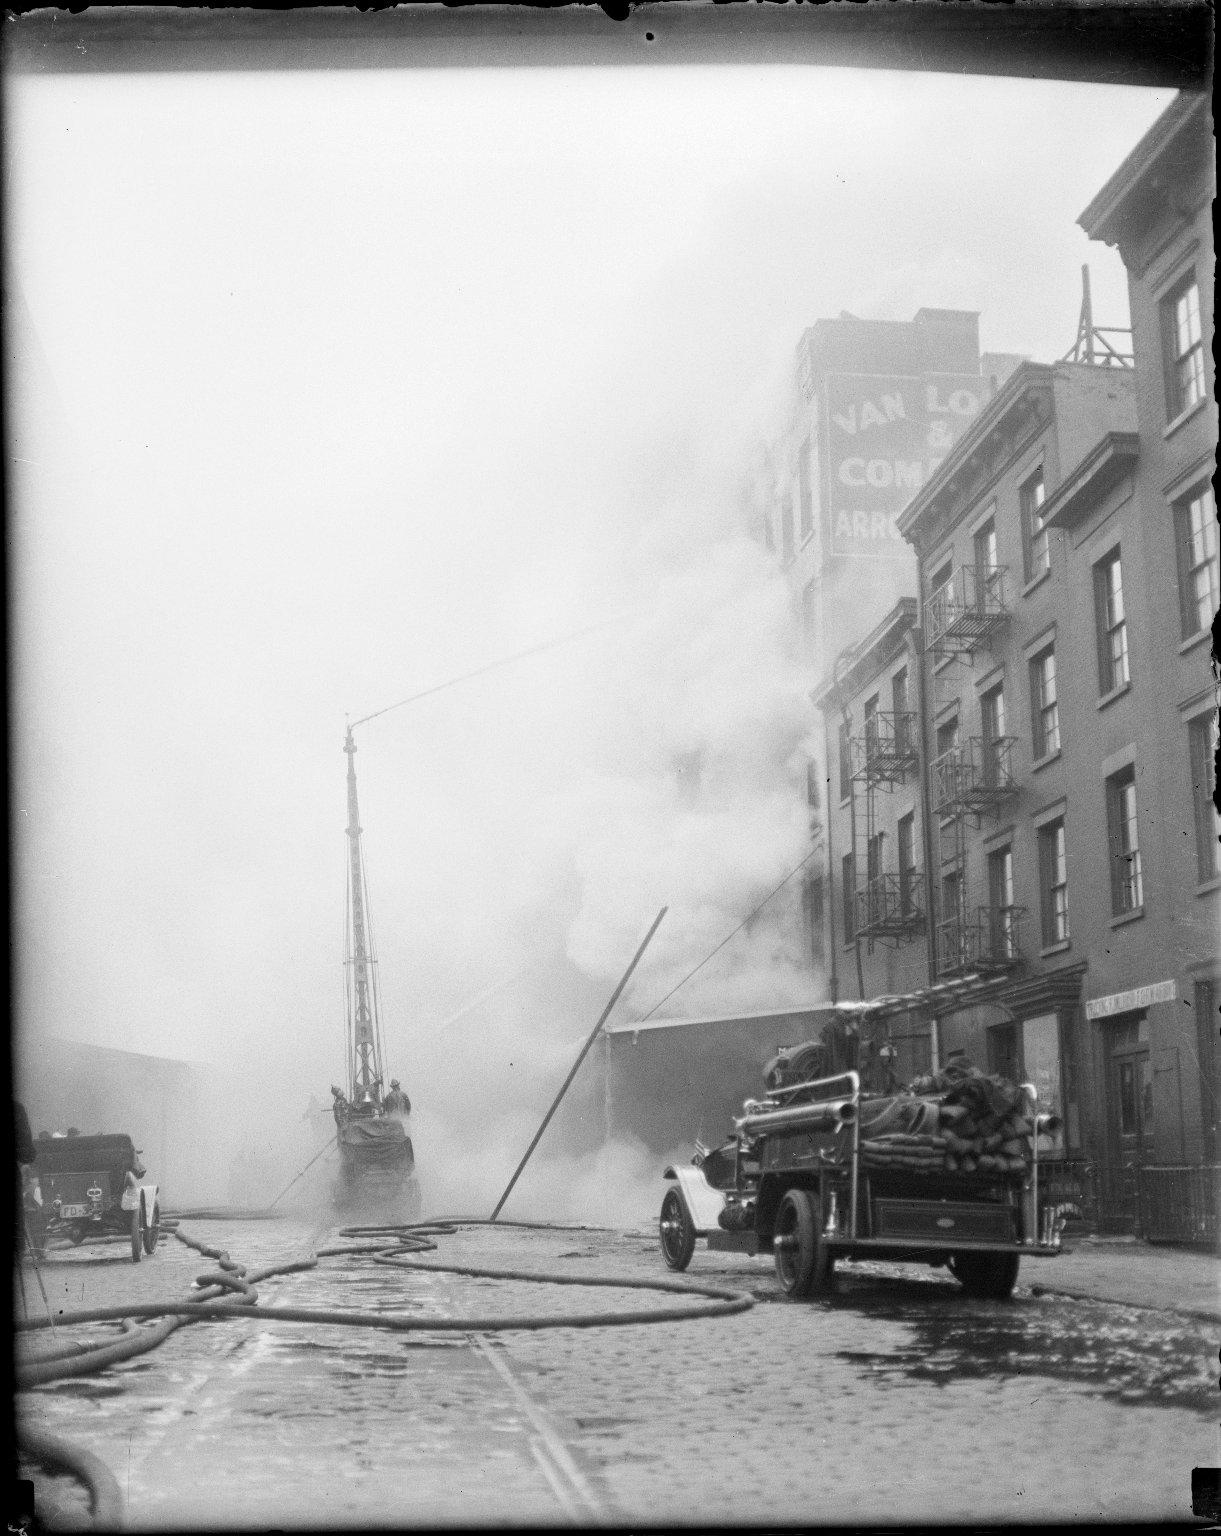 Тушение пожара с использованием водяной башни. Нью-Йорк, США. Начало 20 века